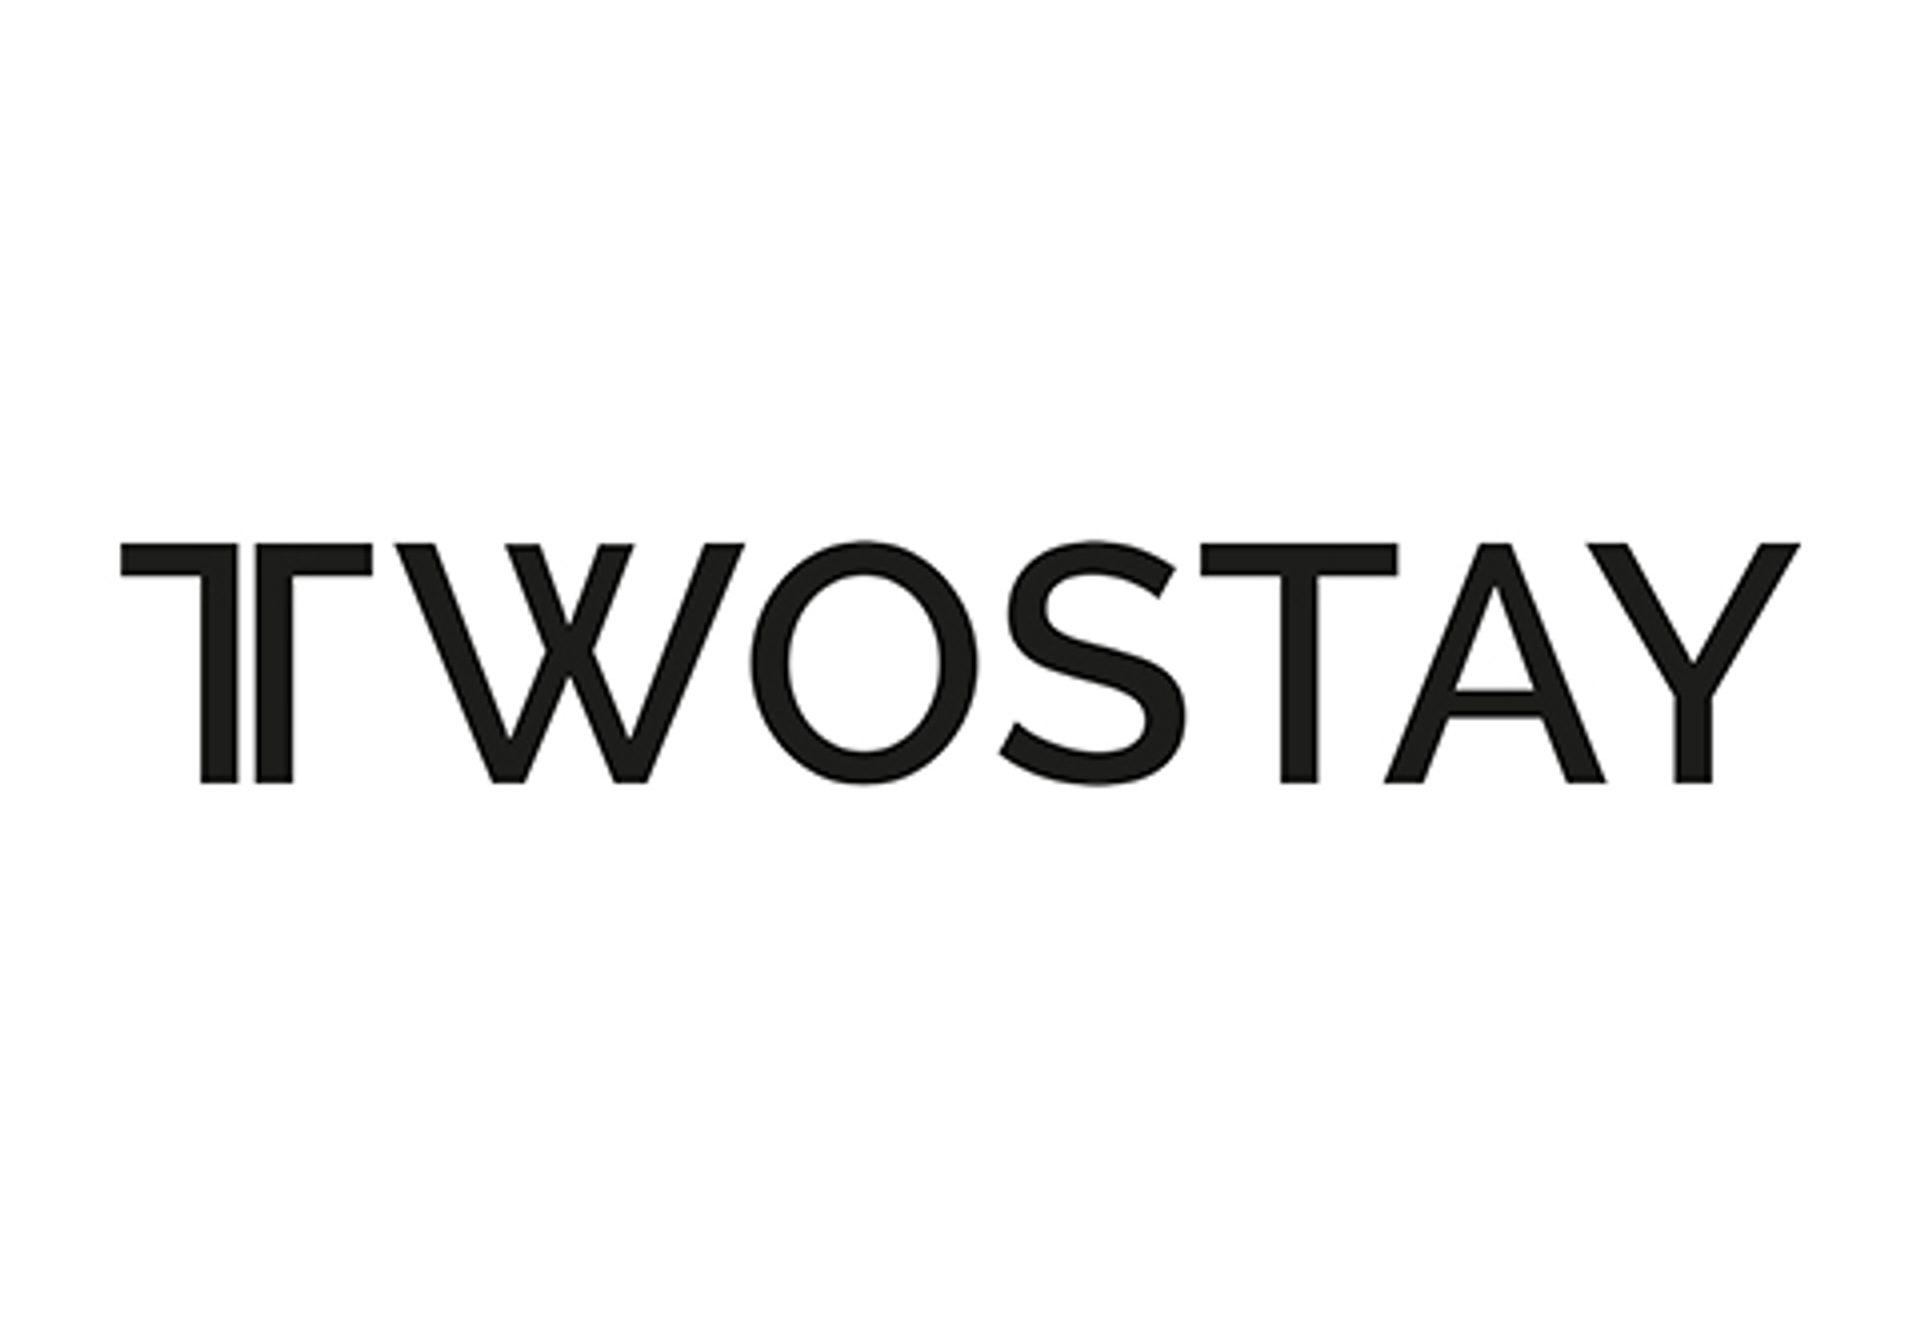 TWOSTAY